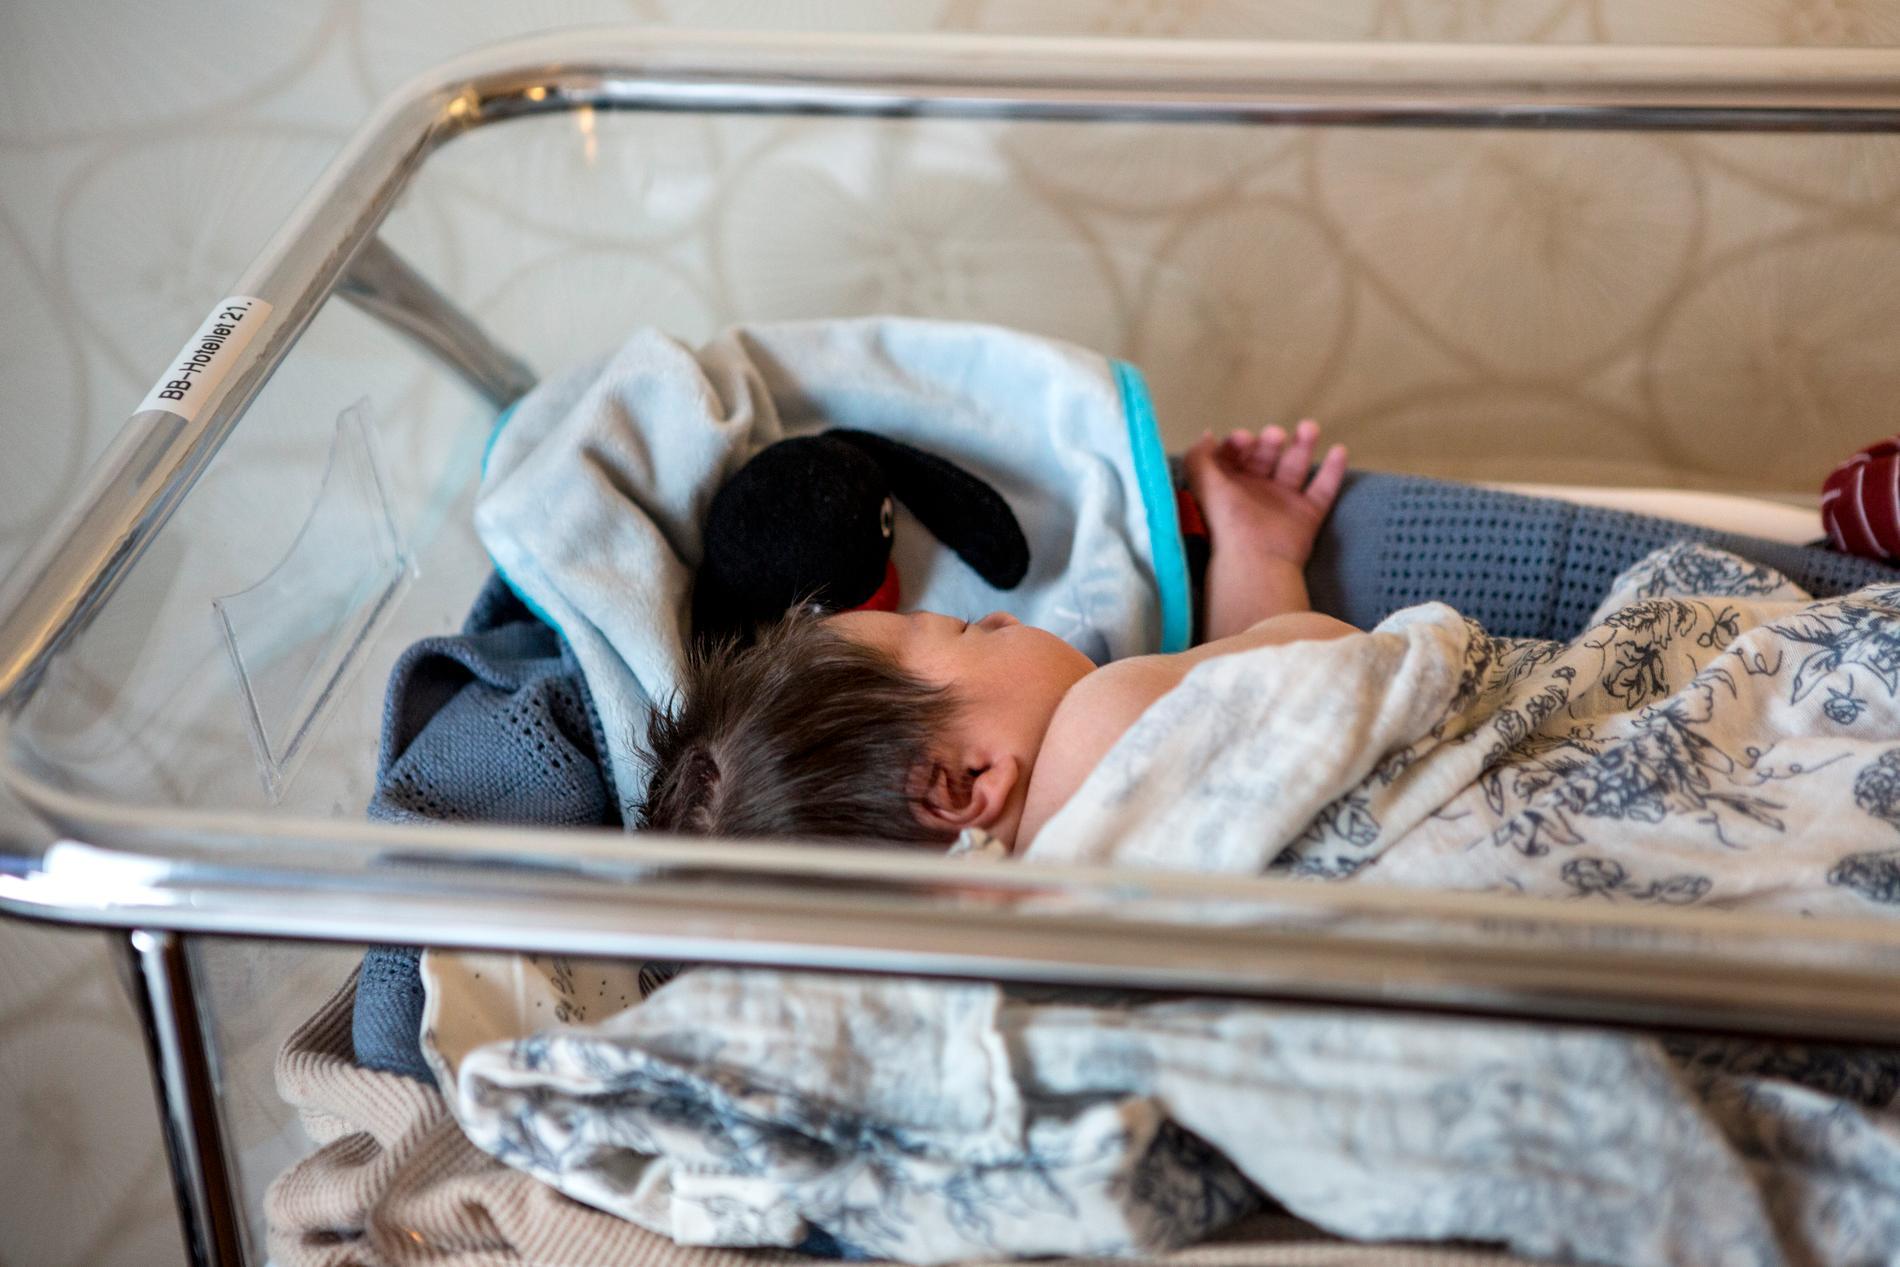 Nu sägs att barnet och mamman kommer vårdas ihop.